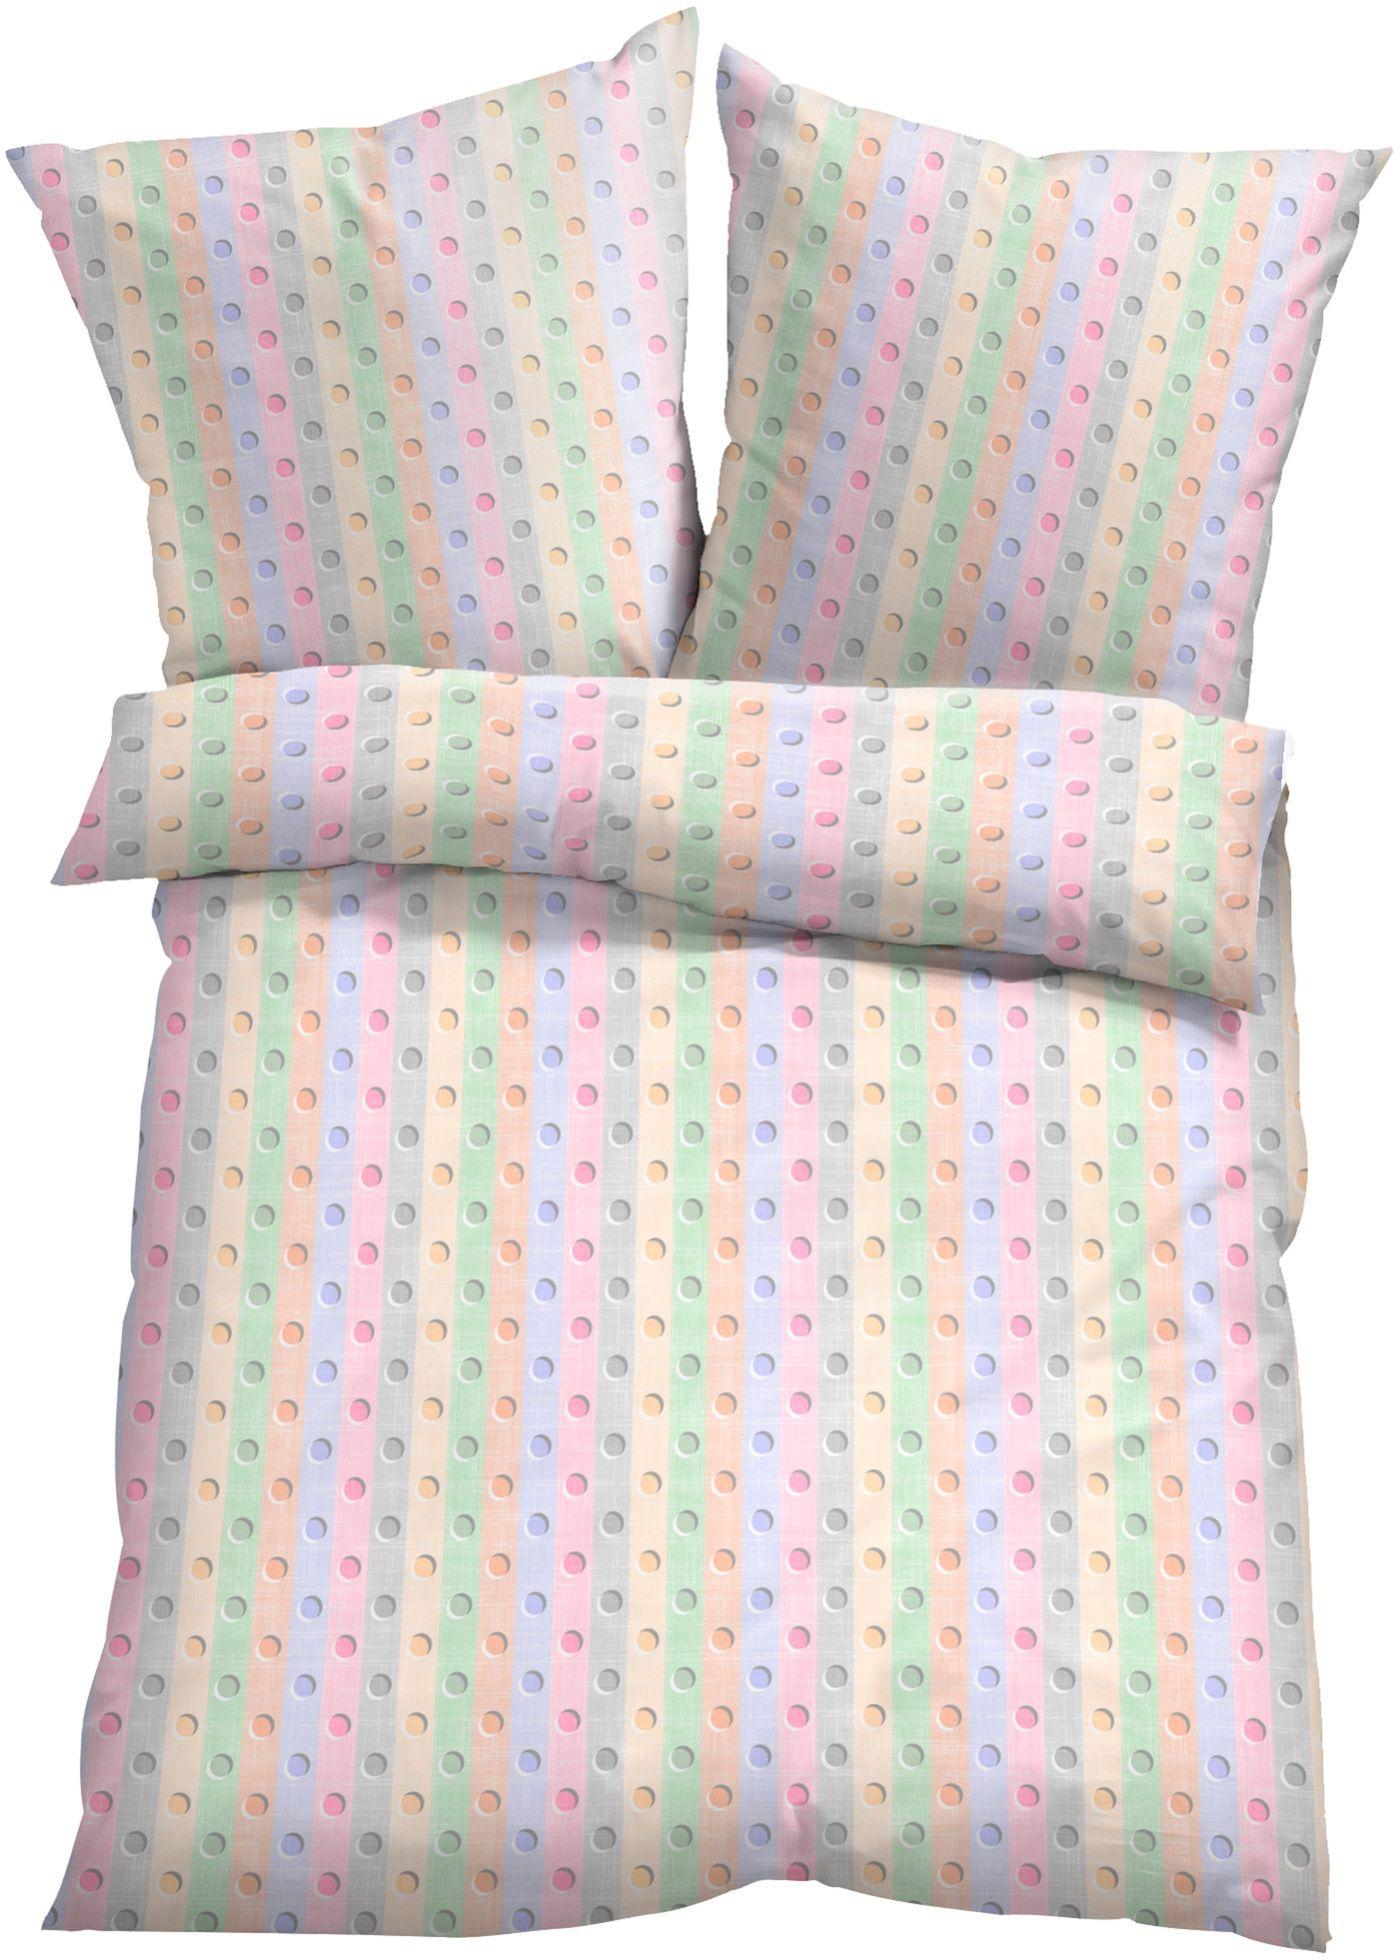 Bettwasche Punktchen Linon Bett Kissen Bettwasche Und Bett